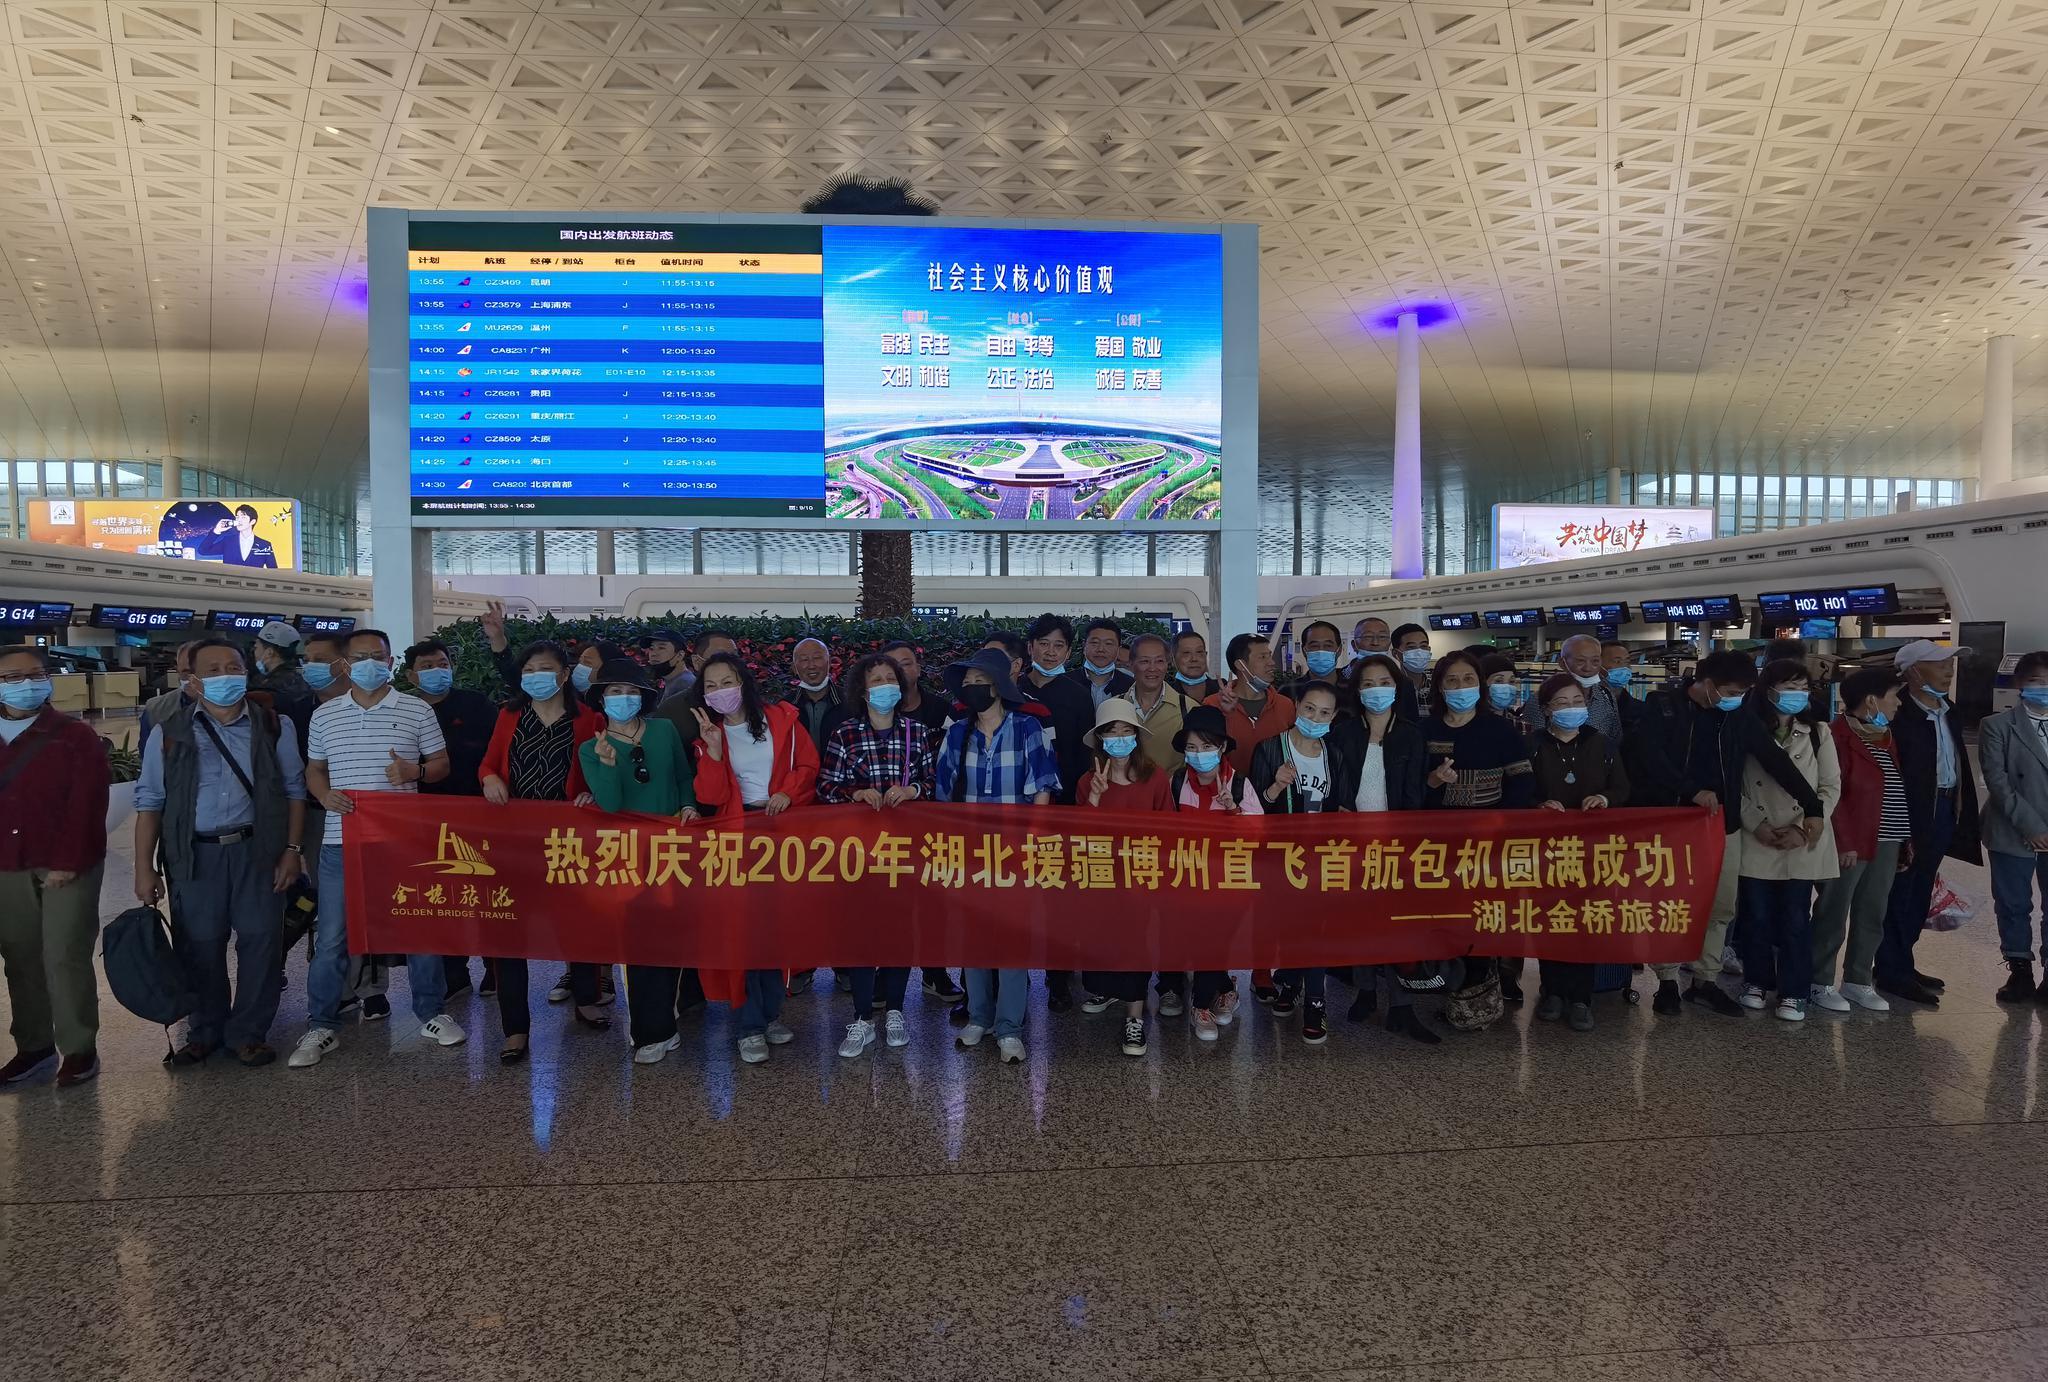 湖北省发出2020年首个援疆旅游包机团图片